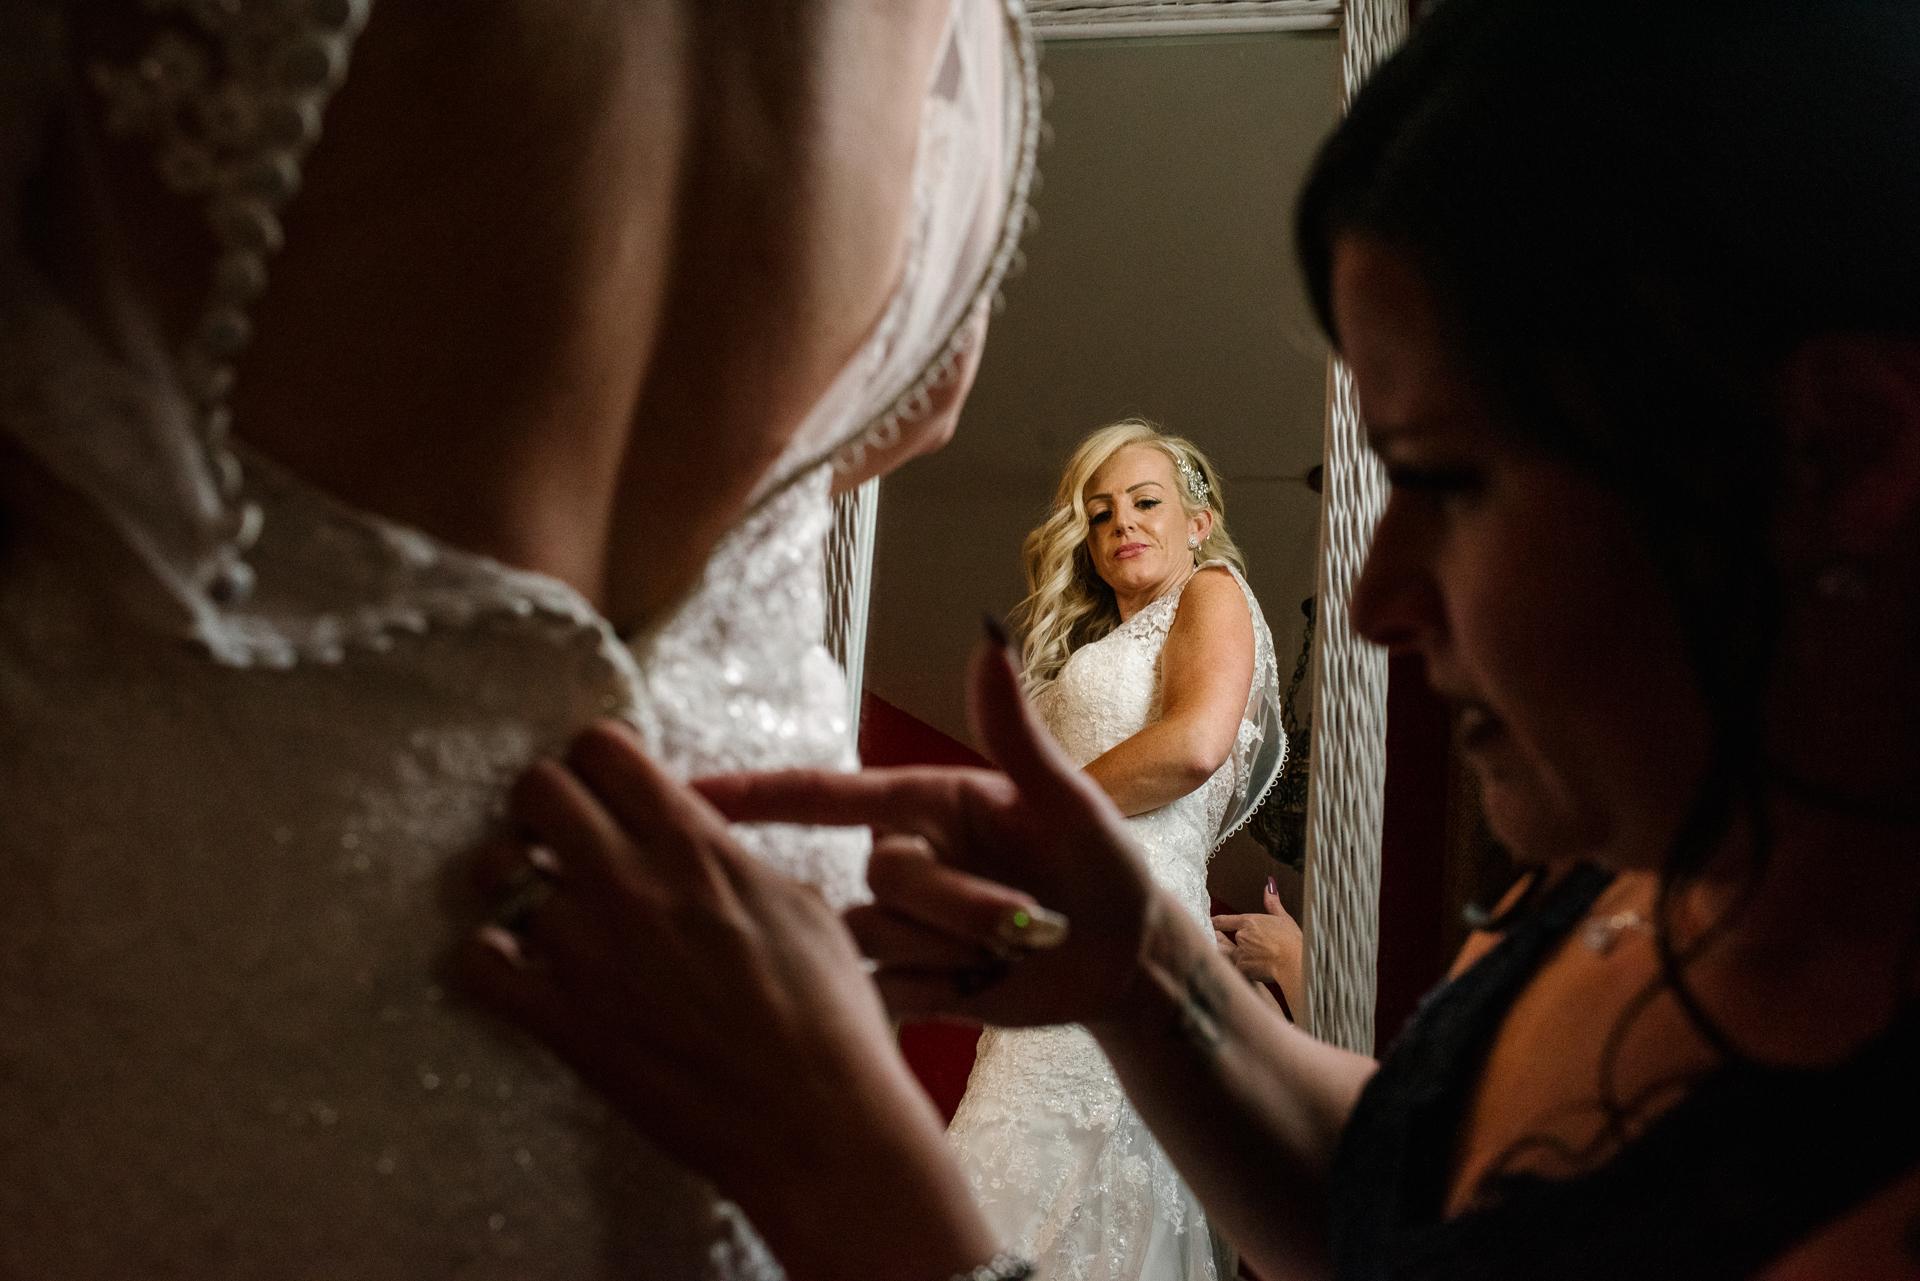 Hochzeitsfotografie - Tamworth | Die Braut schaut noch einmal in den Spiegel